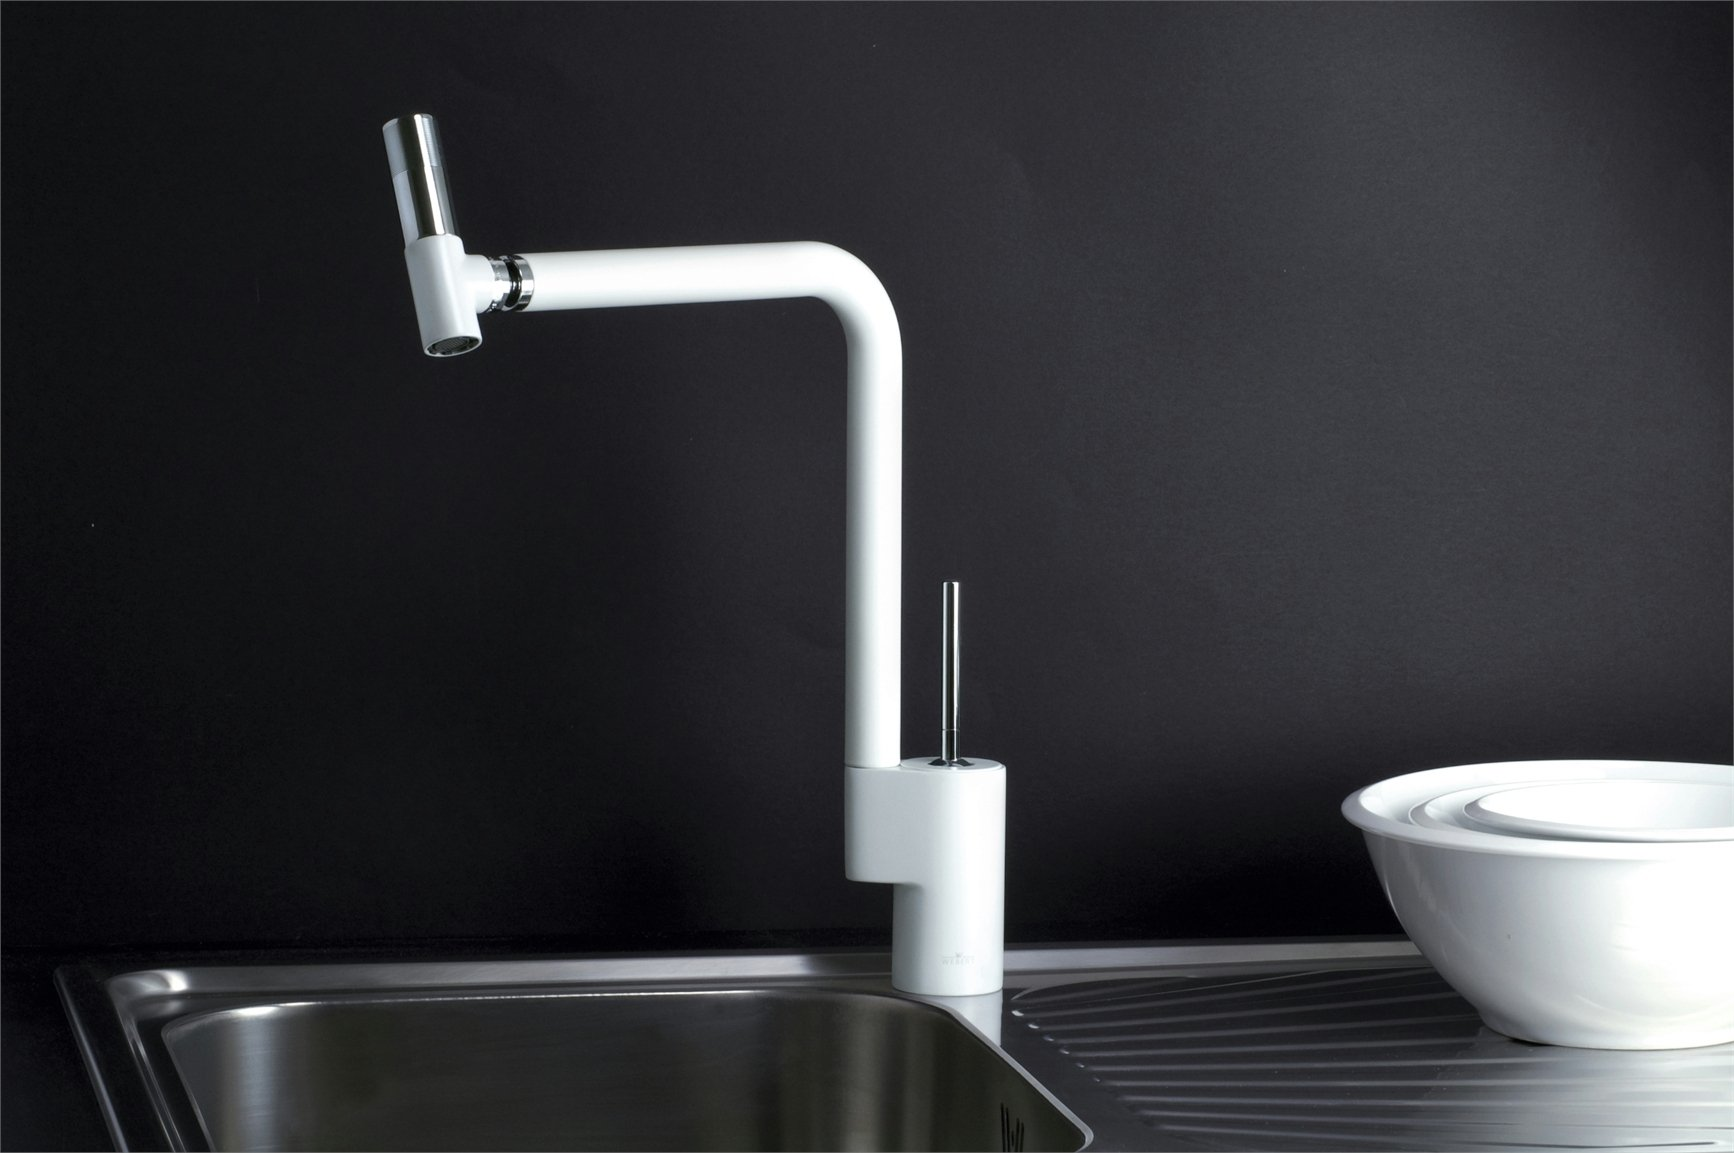 lavabo con rubinetto in stile